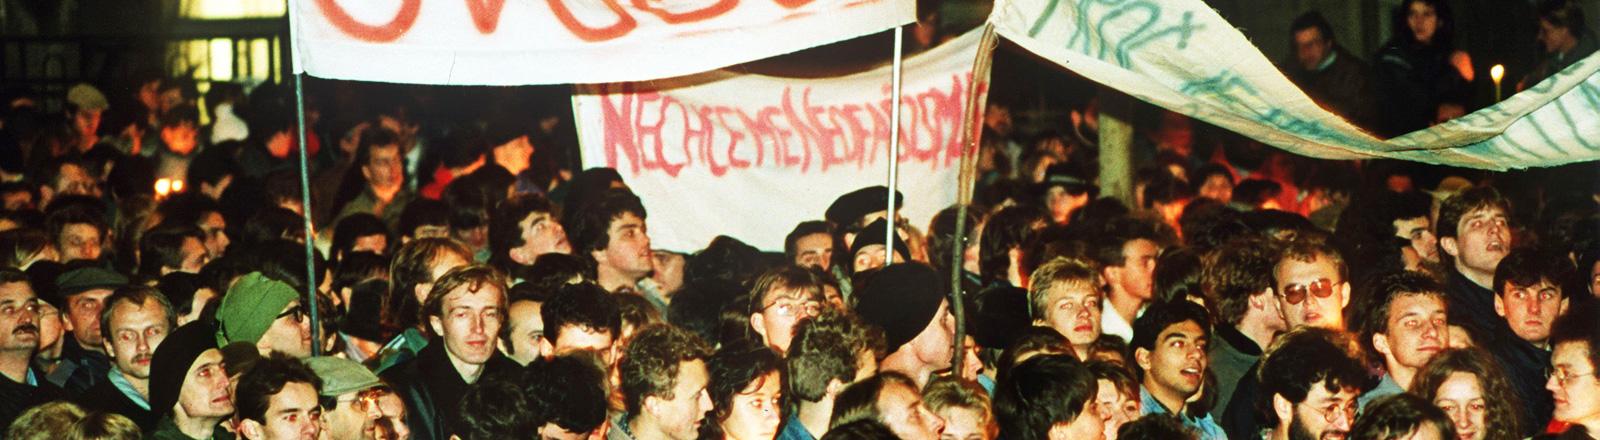 Protestzug von Studenten durch Prag. Sie tragen Transparente. 17.11.1989; Bild: dpa